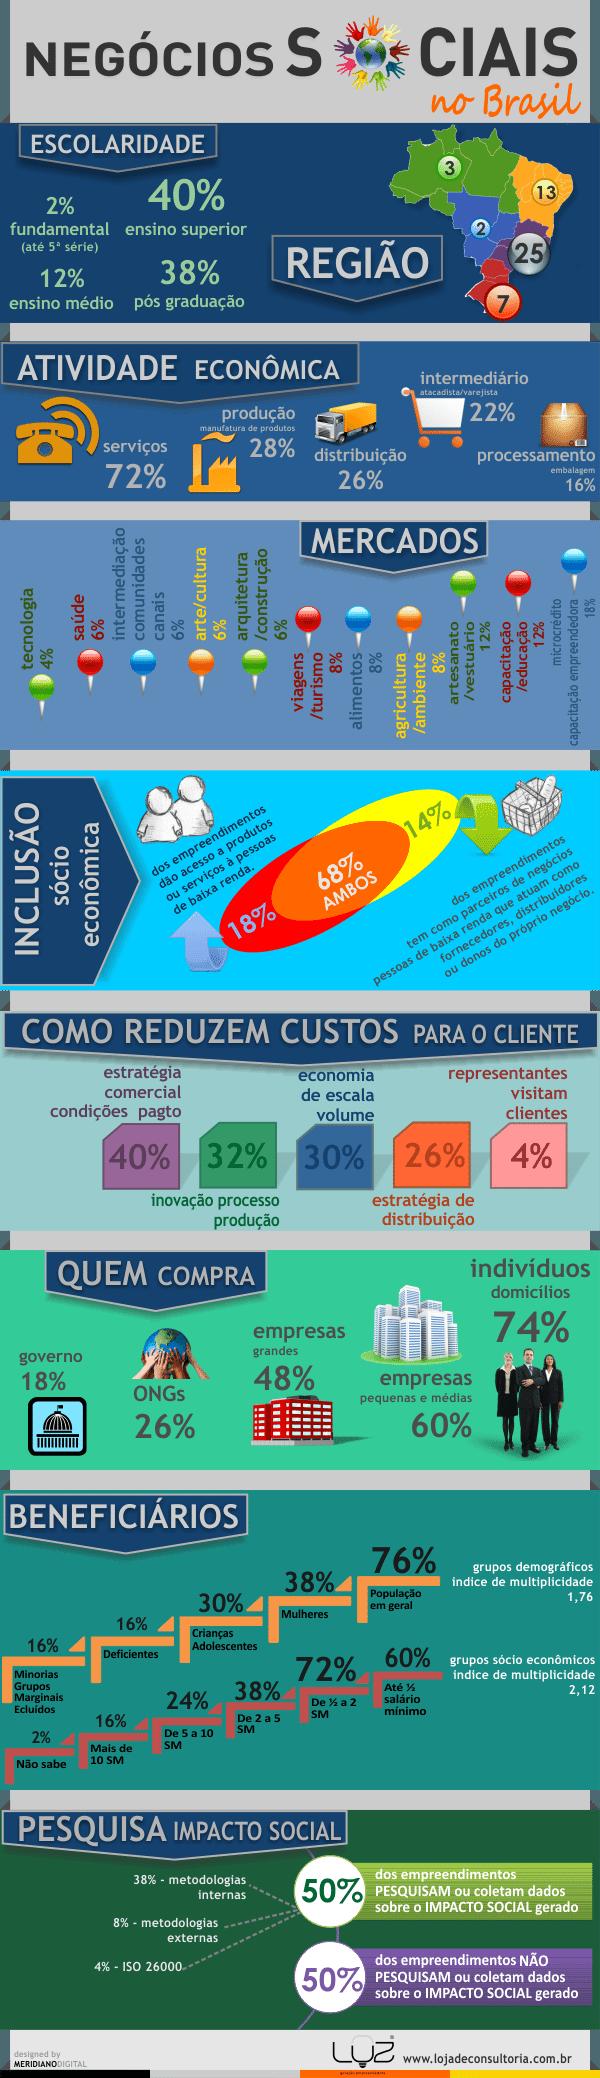 Mapeamento de Negócios Sociais no Brasil [Infográficos] 1